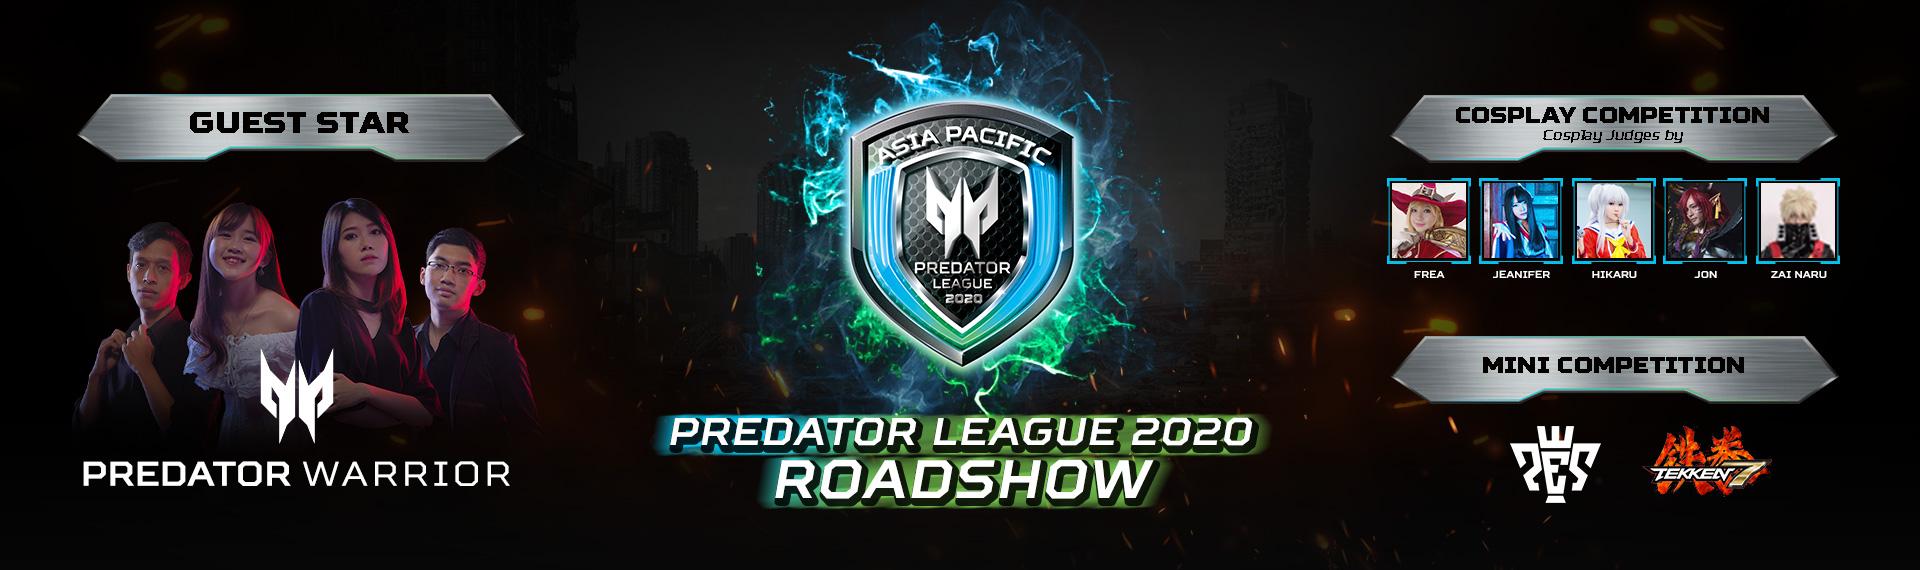 Ikuti Keseruan Roadshow Predator League 2020 di 5 Kota Besar Indonesia!